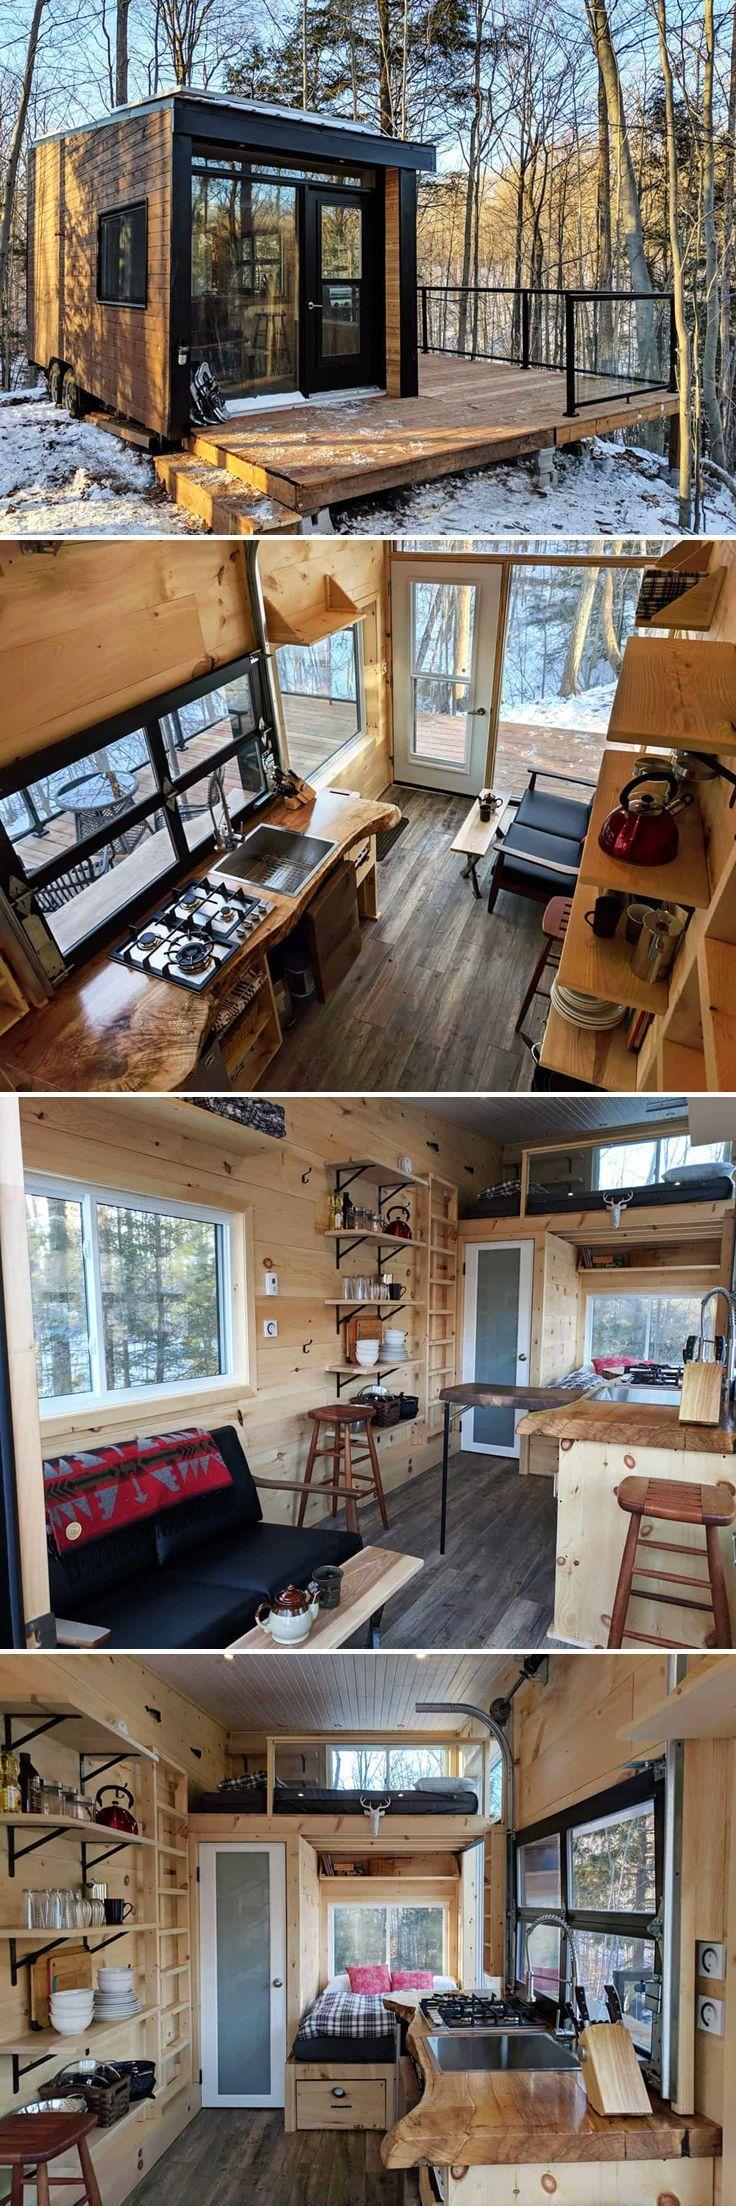 Dashi by Cabinscape &; Tiny Living Dashi by Cabinscape &; Tiny Living Leyla Red luluvk Garten-Ideen Klein aber fein. Ein Design Gartenhaus muss nicht übermäßig groß[…] #Cabinscape #Dashi #Living #Tiny #Tiny Homes interior cabin